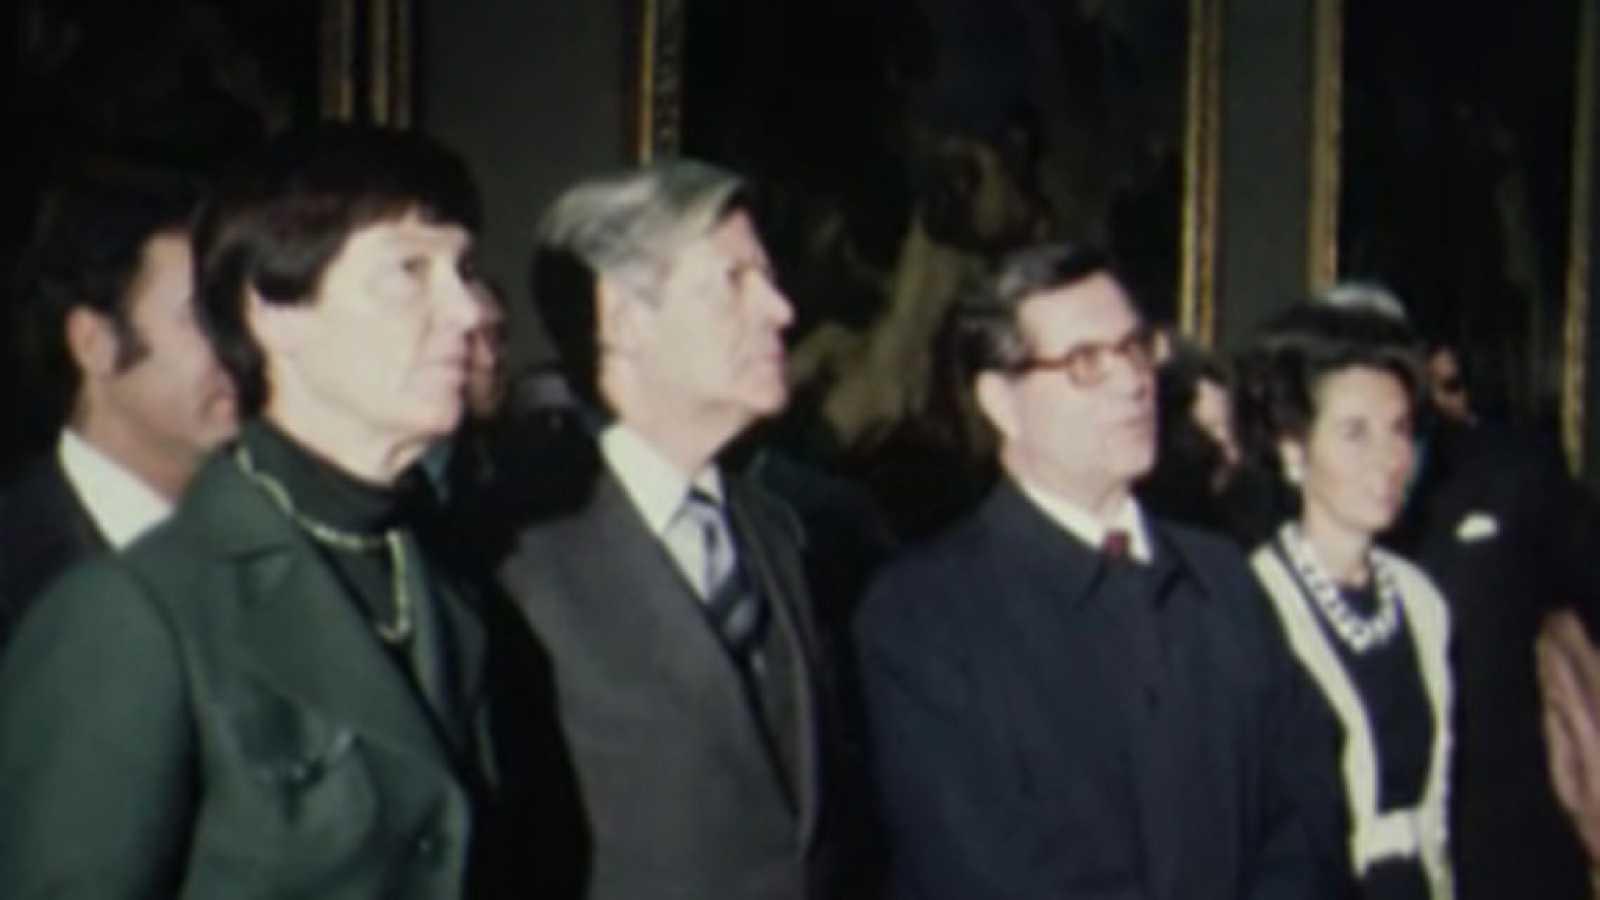 Noticias Nacional 1977 - Helmut Schmidt visita el Museo del Prado